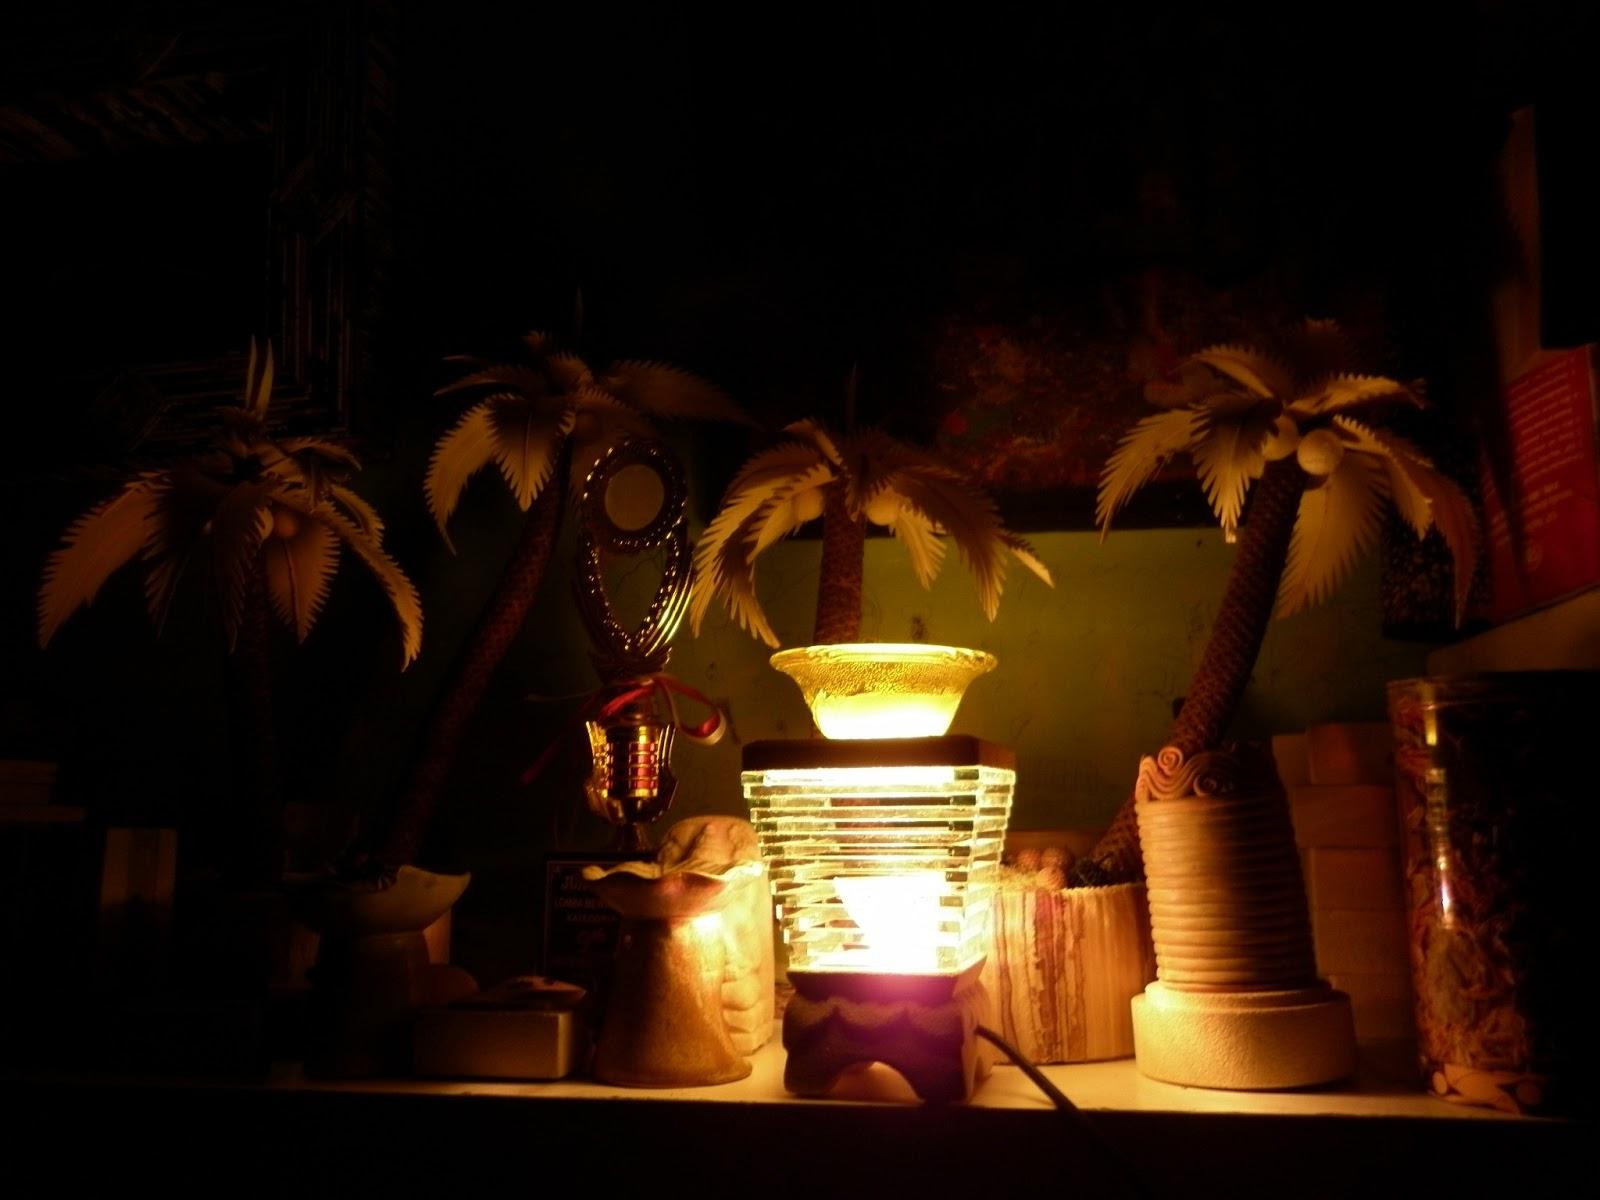 Lampu Tidur Aroma Terapi, Untuk Kenyamanan Istirahat Anda